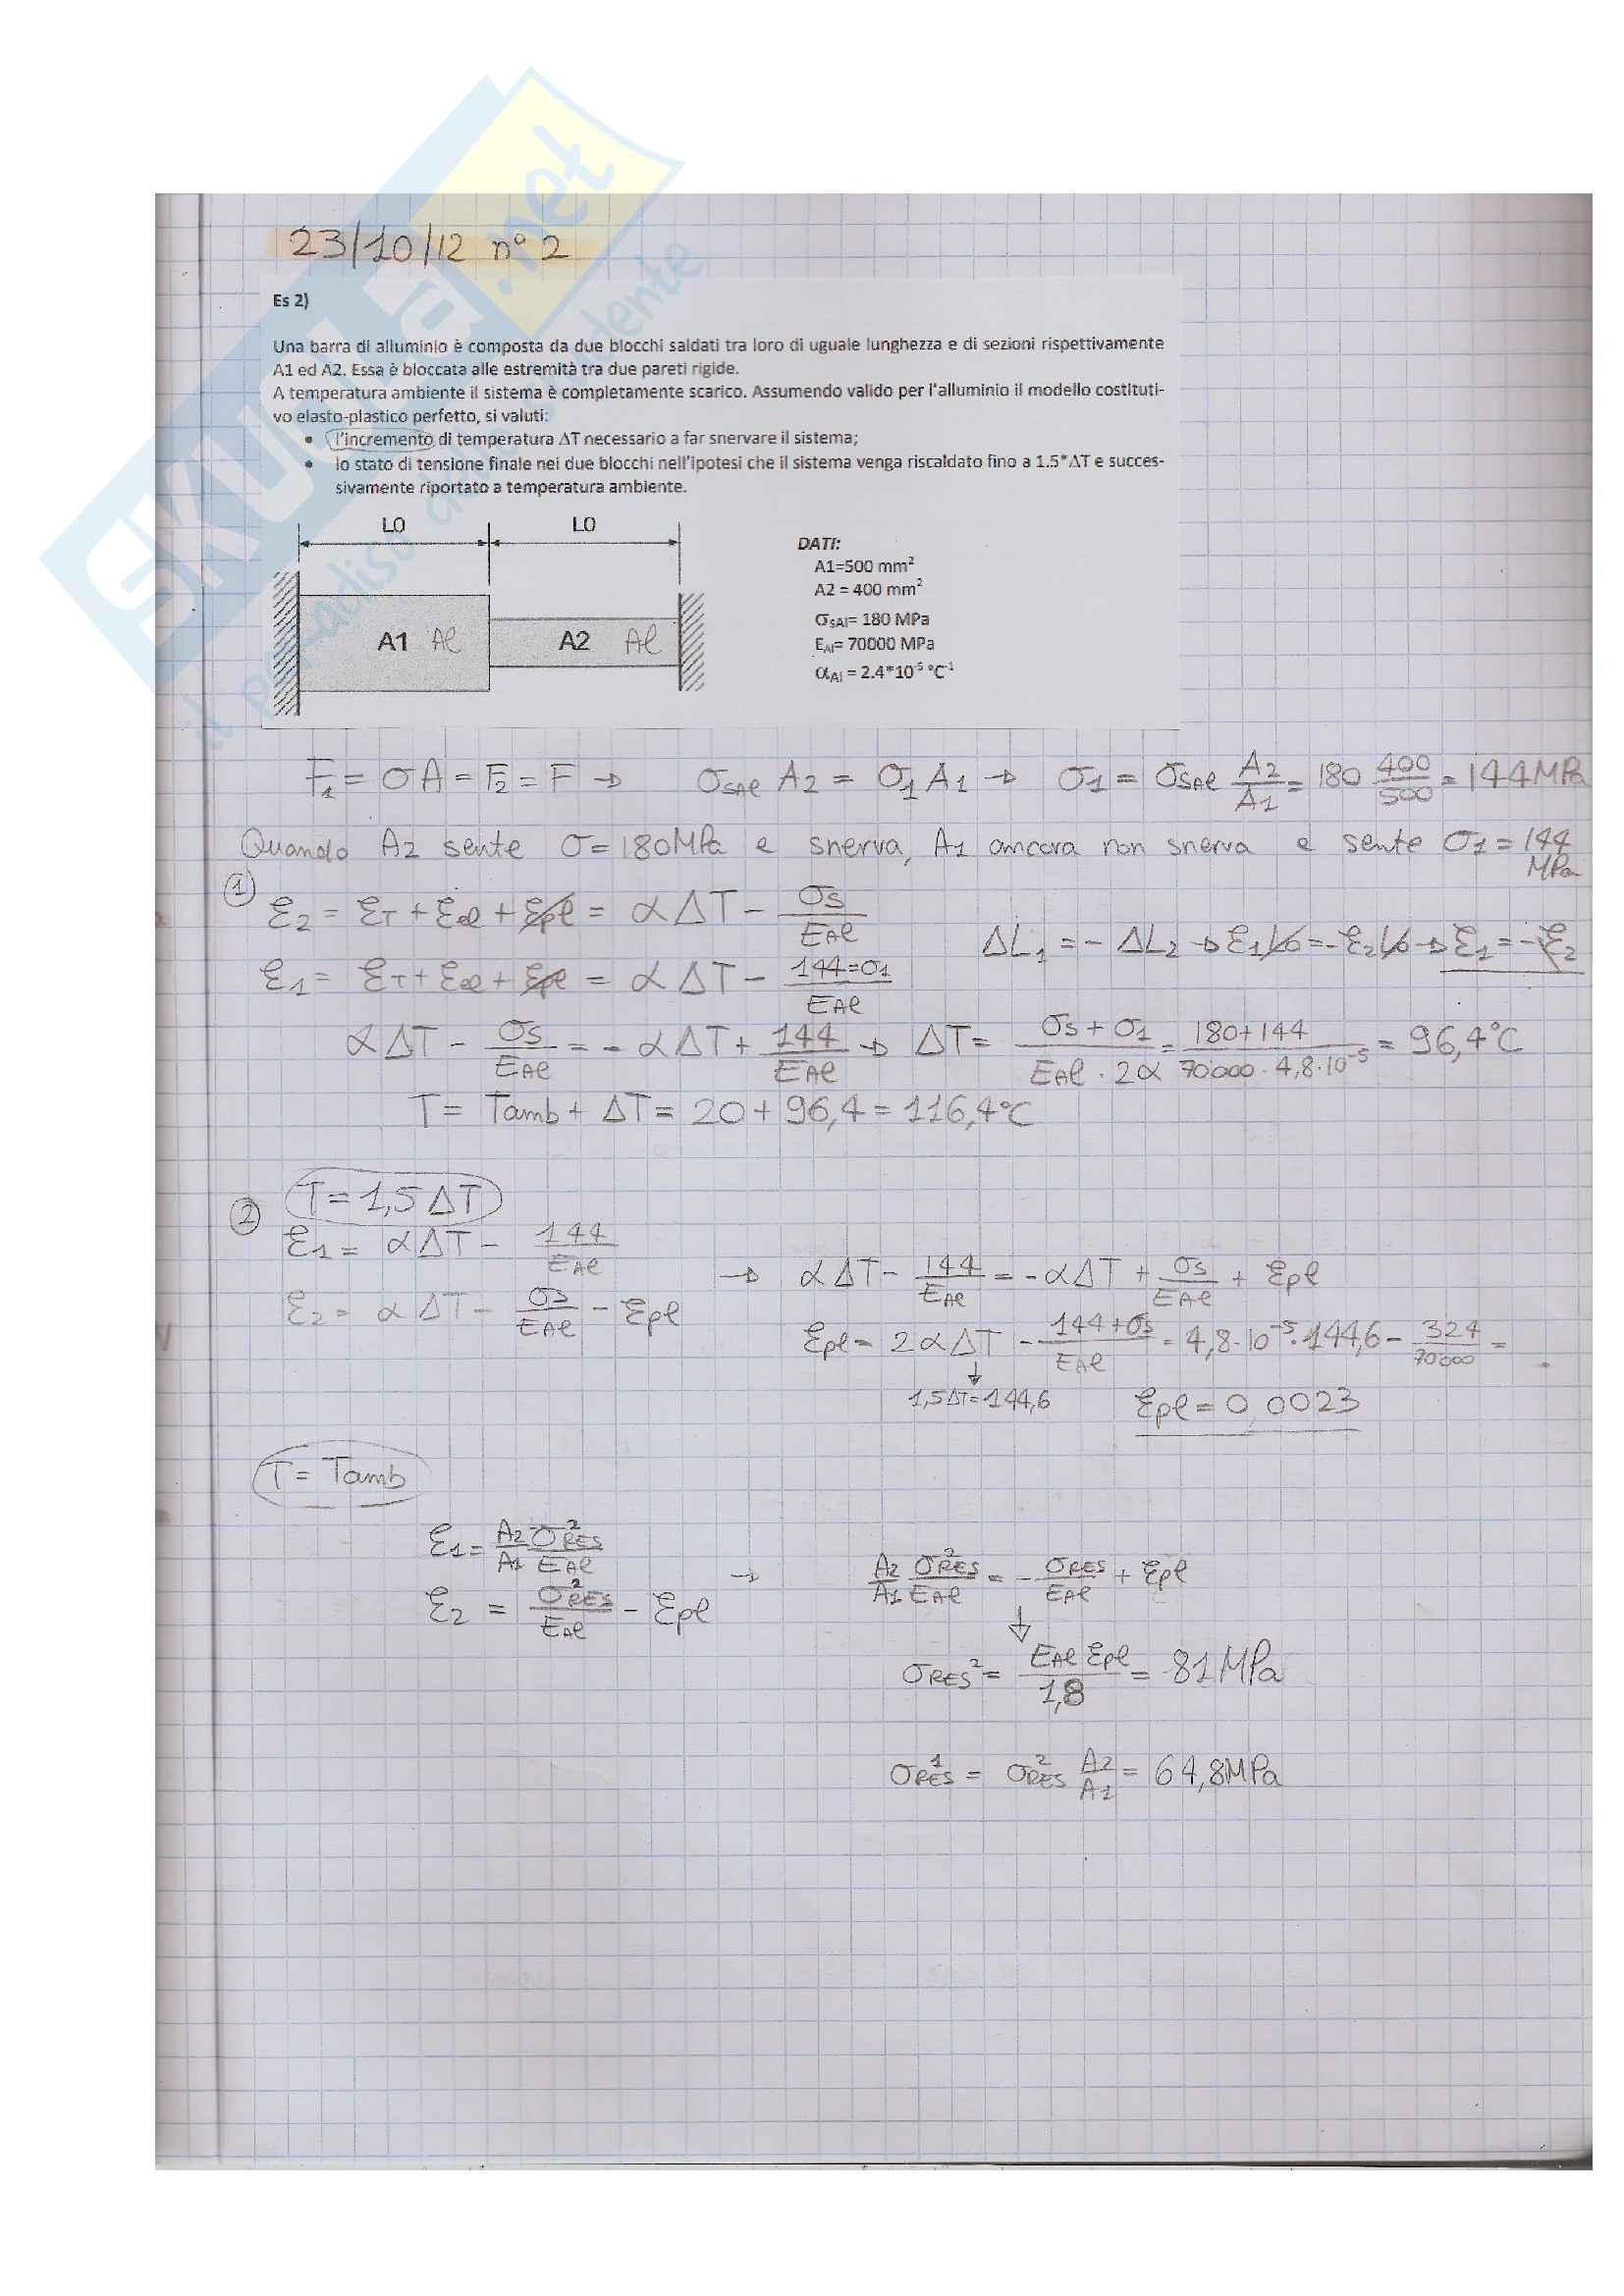 Esame Costruzione di Macchine Esercizi Svolti,prof Rossi e Sasso,Formulario e Riassunto 1°,2° parziale Pag. 16